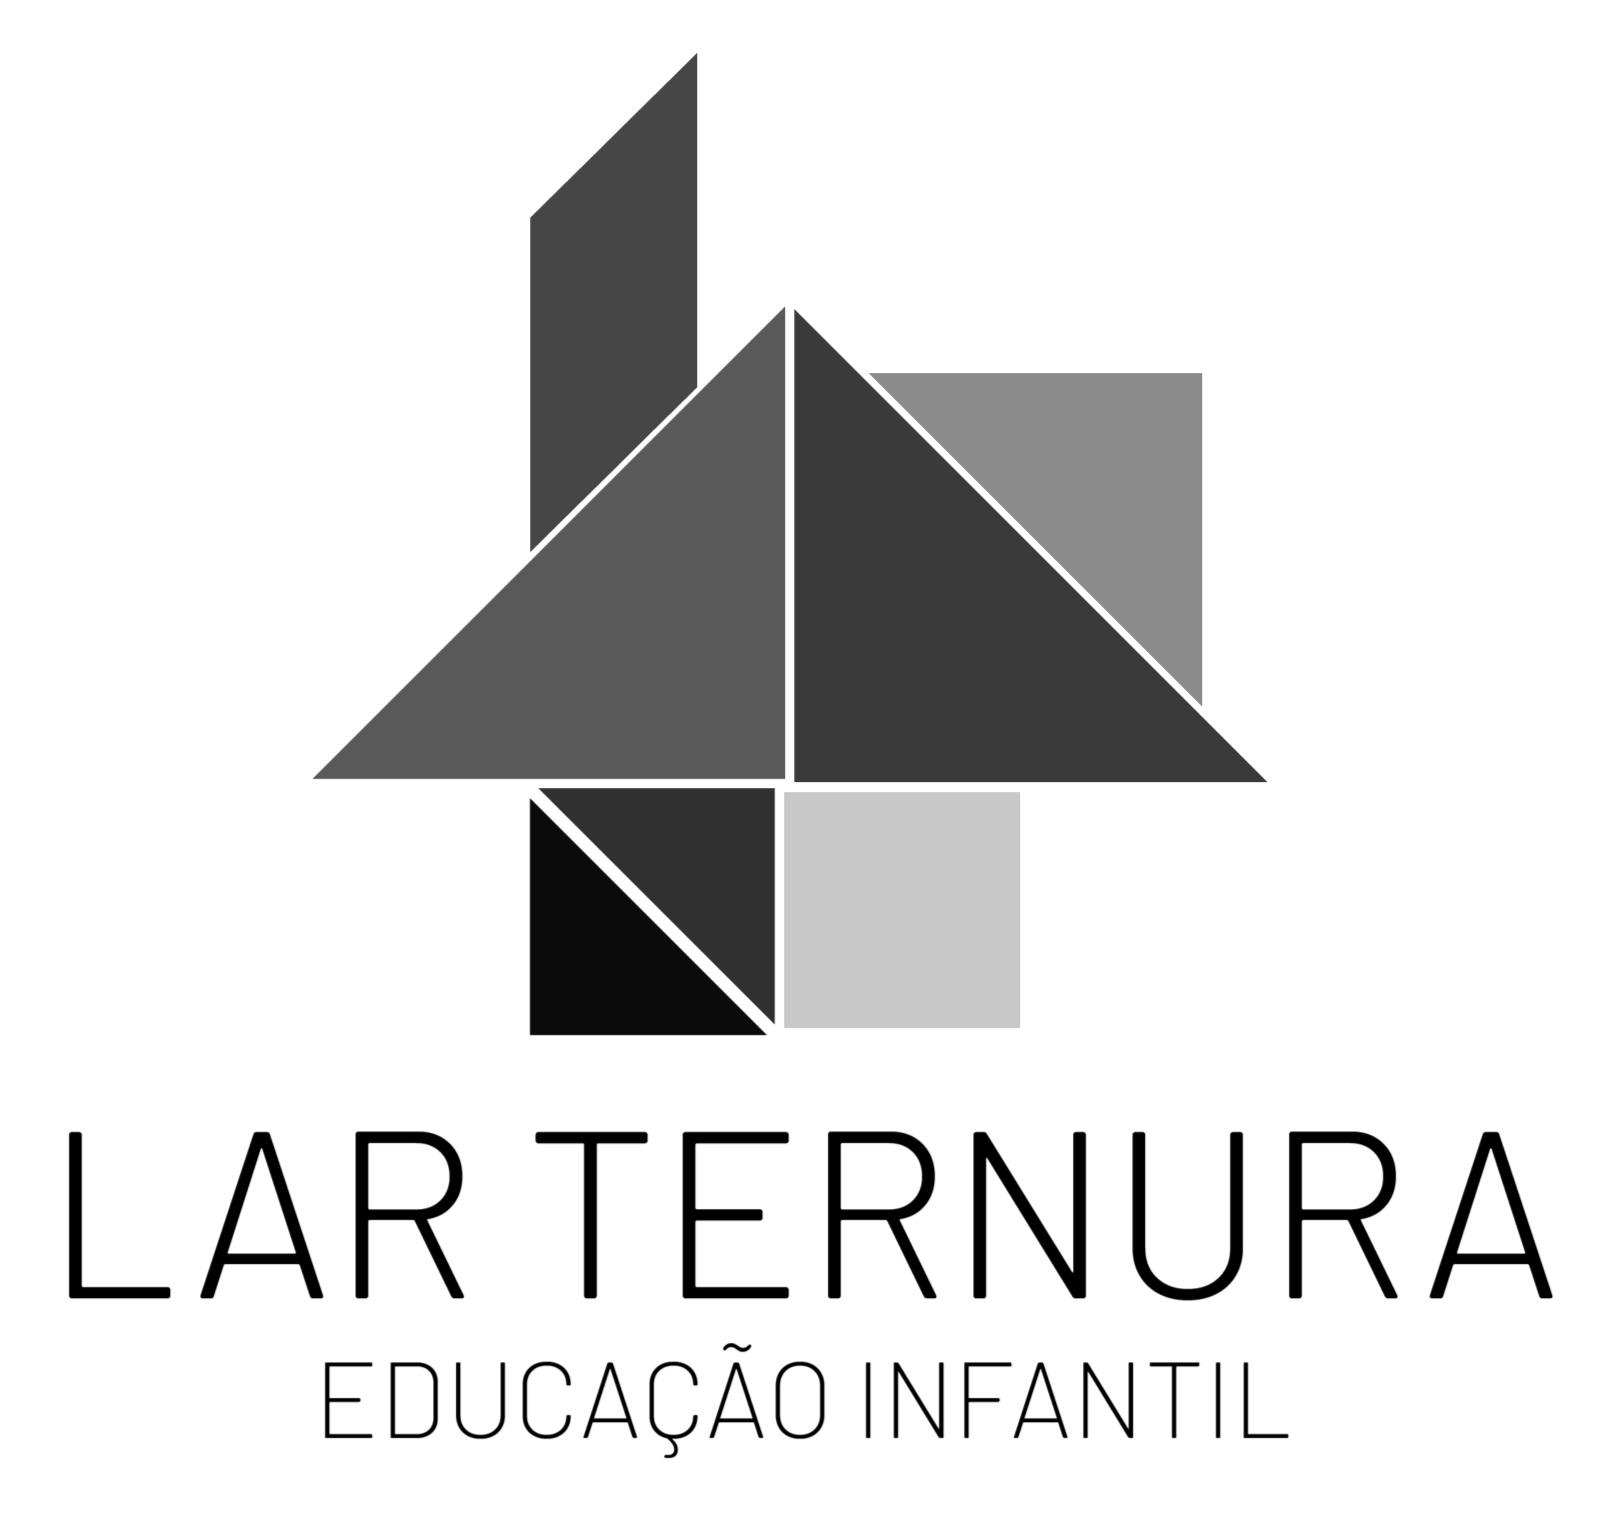 lar-ternura-logo-af_final.png